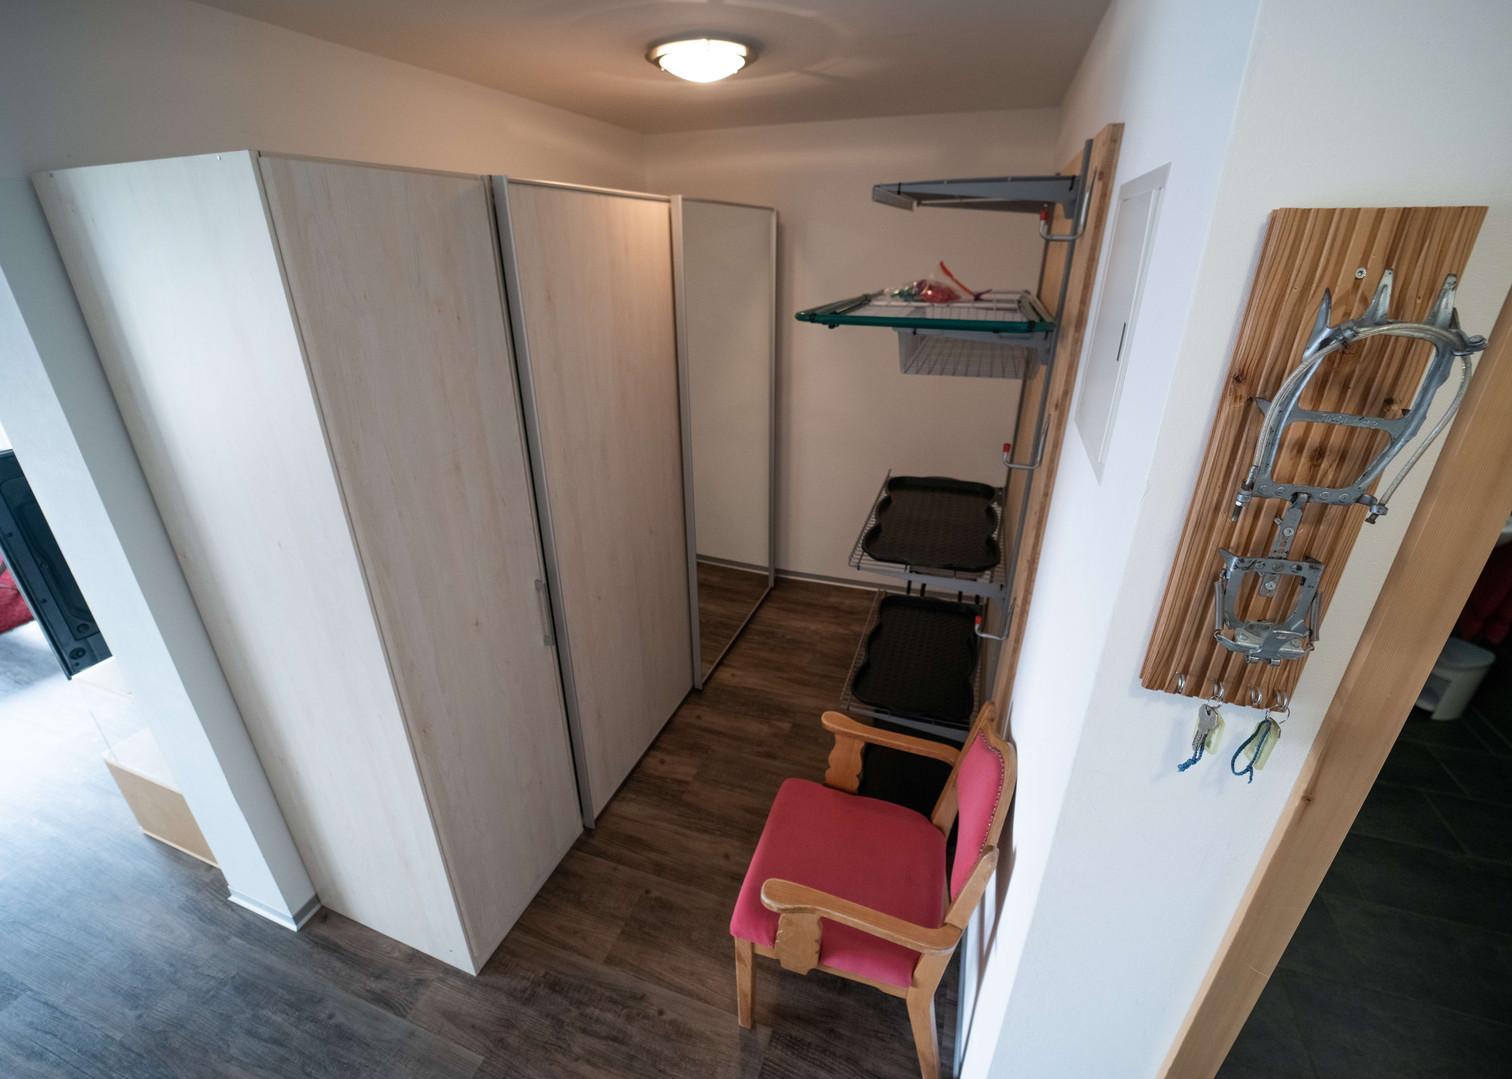 Beesche Tritt 6.5 Garderobe.jpg